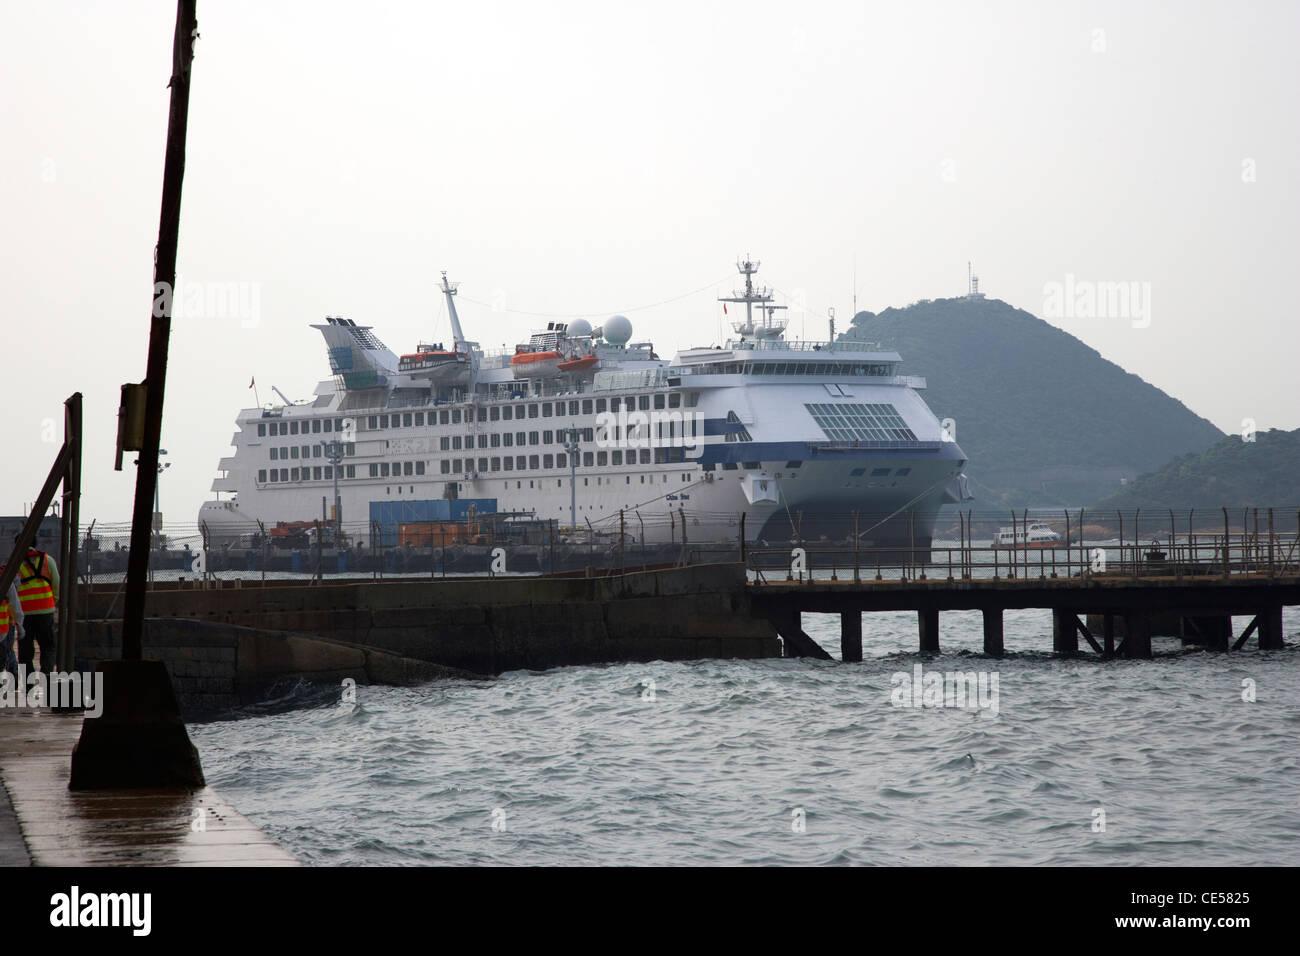 twin hull passenger cruise ship china Star tied up at pier in kennedy town hong kong hksar china asia - Stock Image